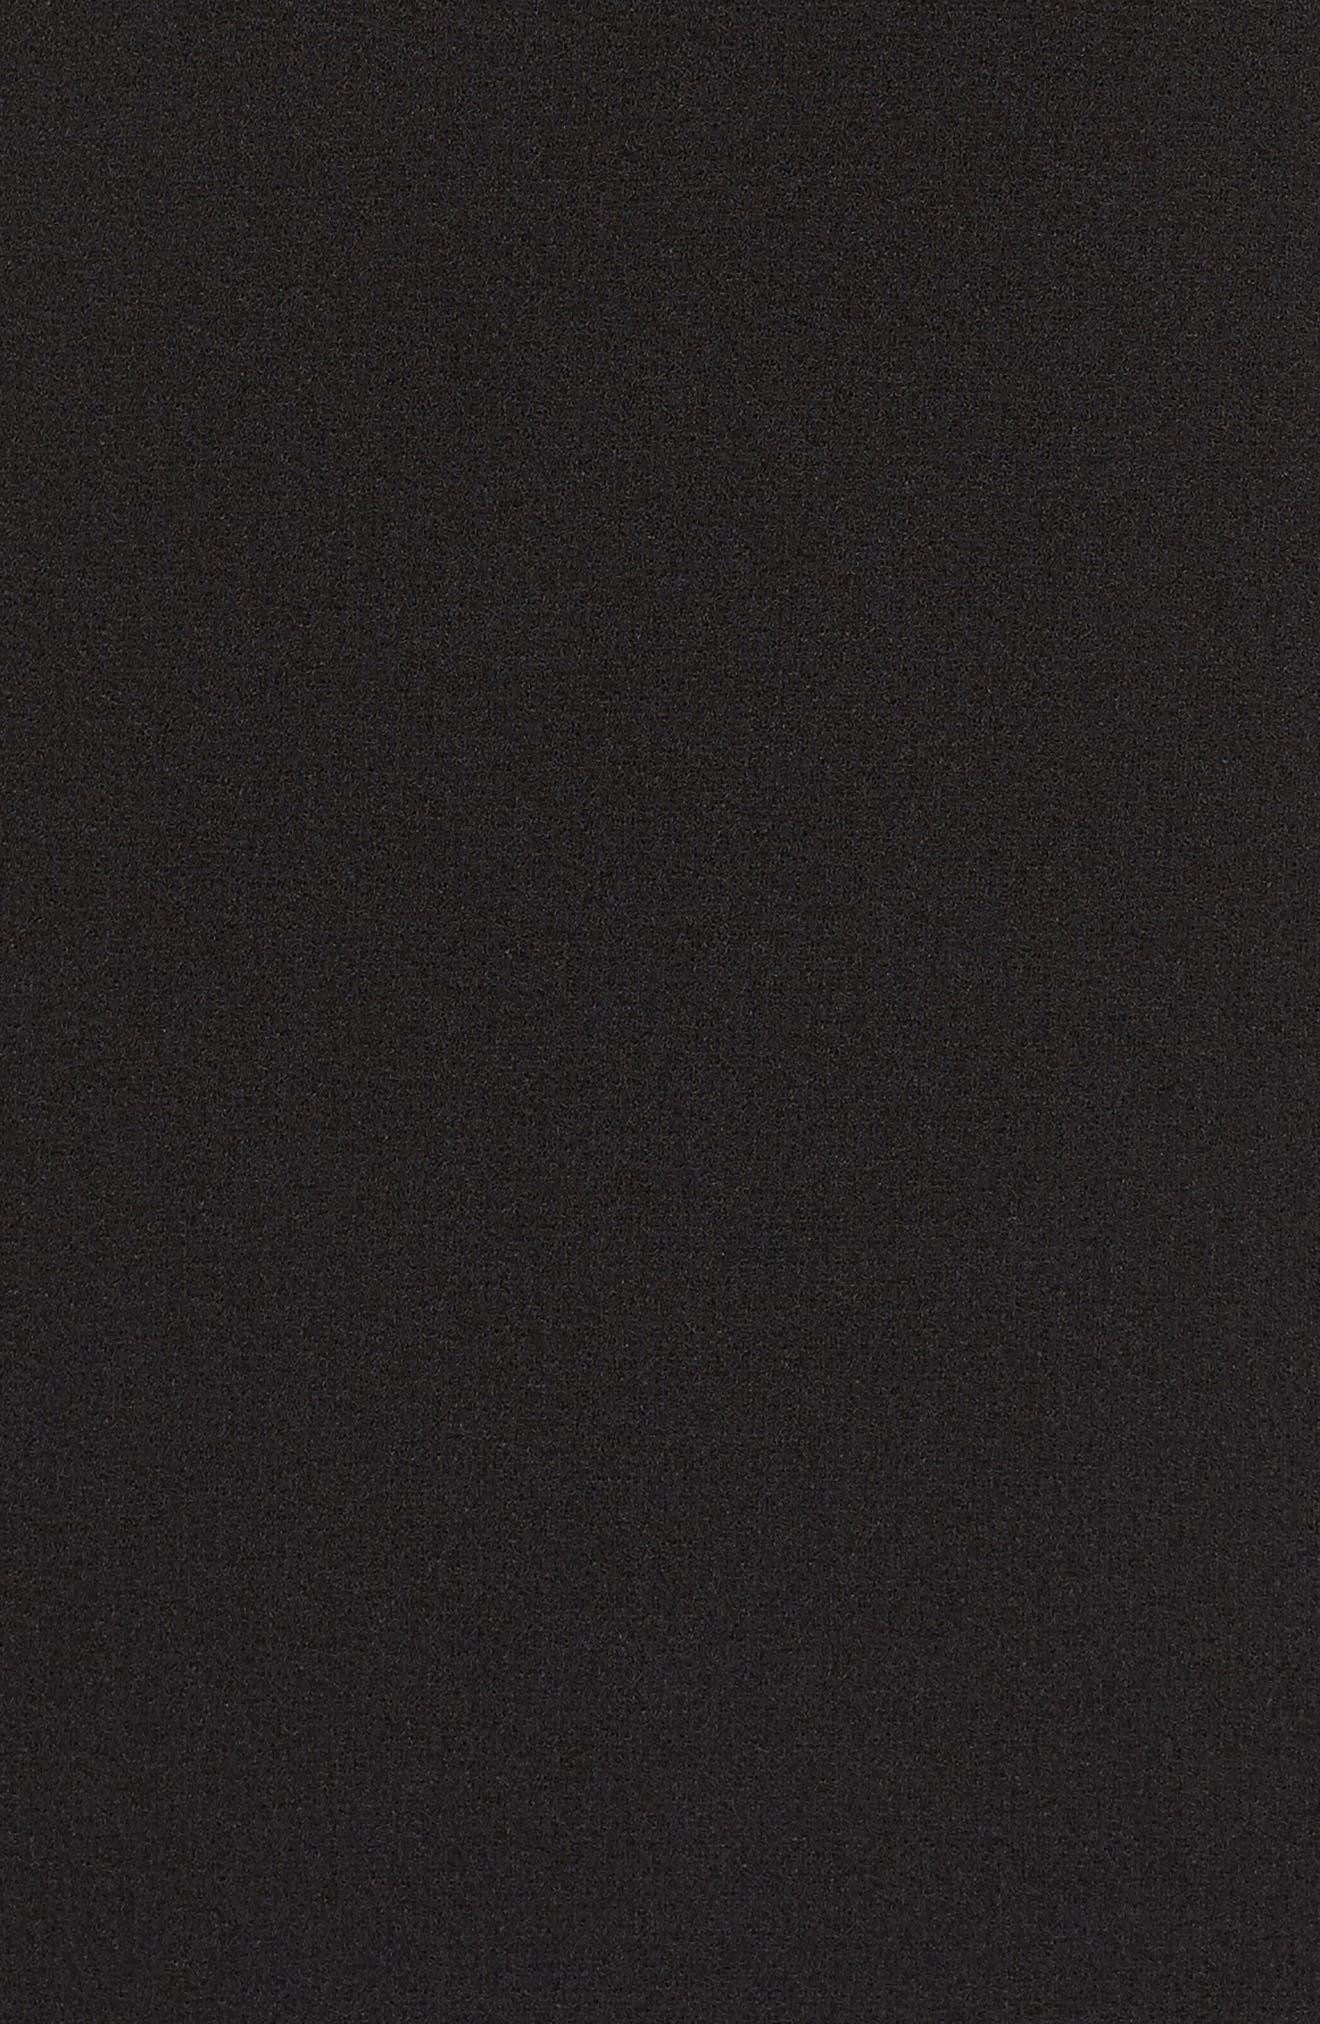 One-Shoulder Shift Dress,                             Alternate thumbnail 5, color,                             Black